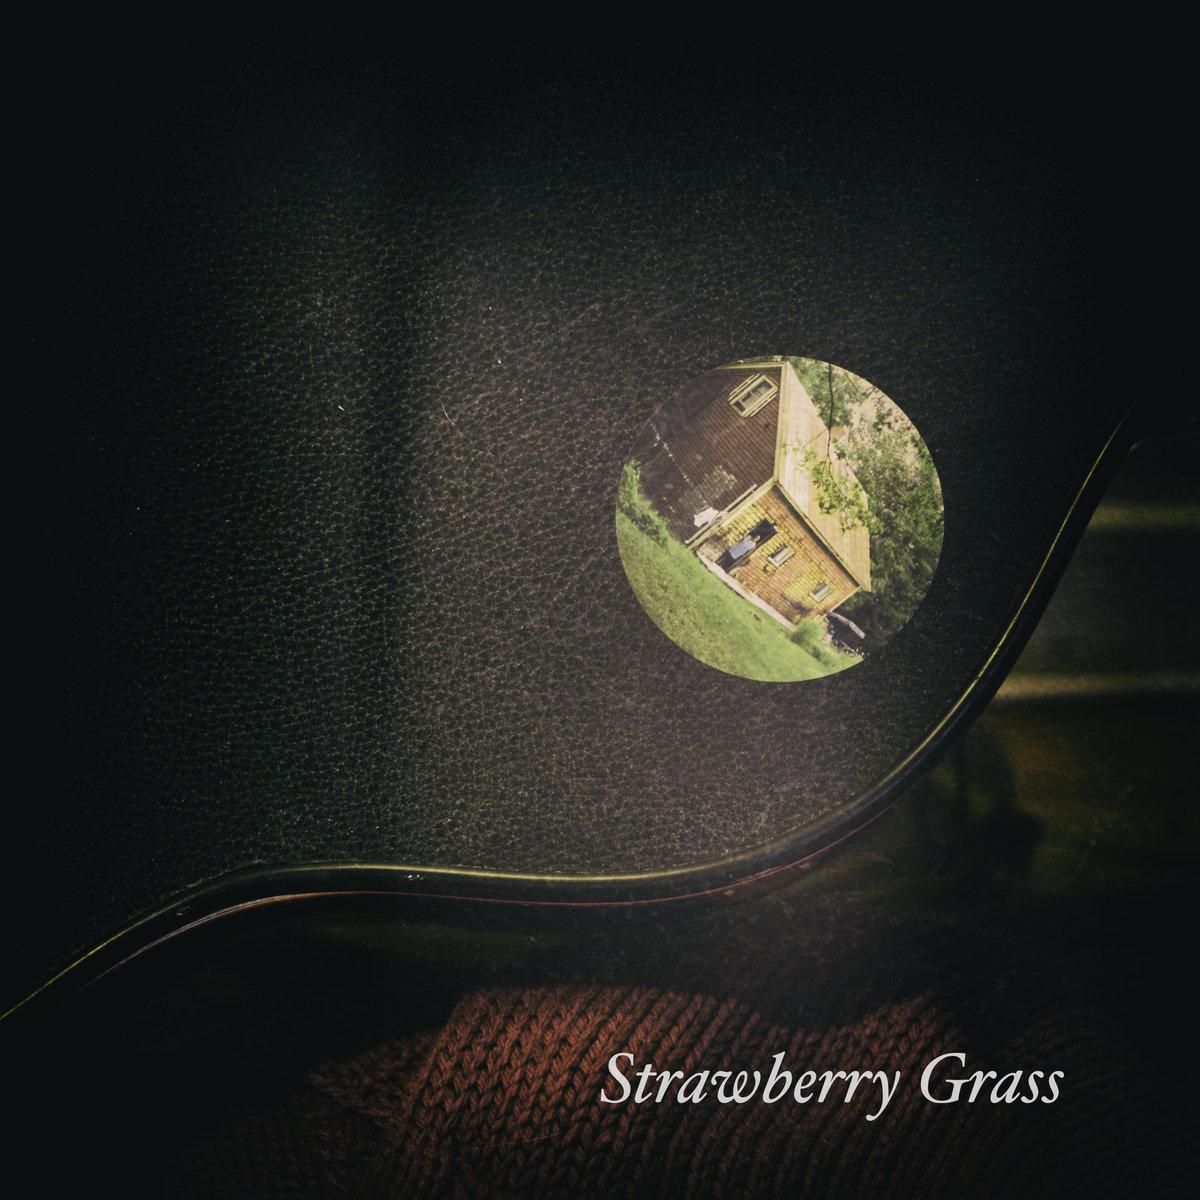 davidrelliott_strawberrygrass.jpg